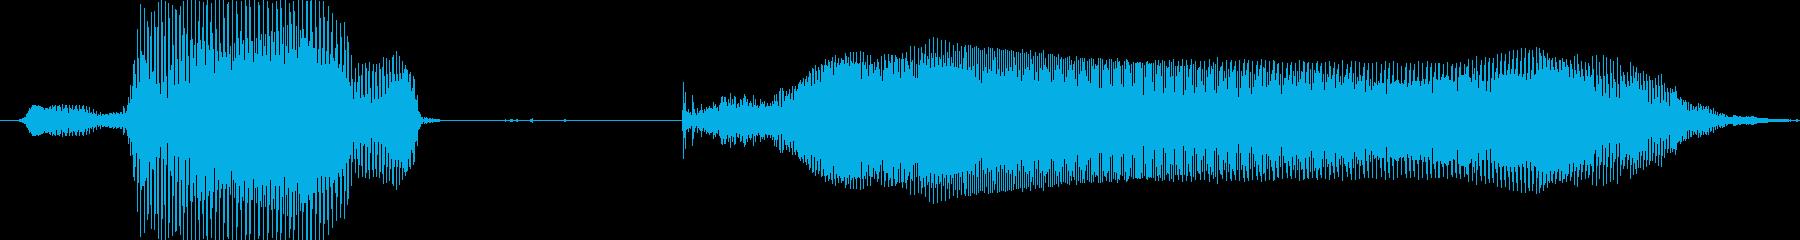 ラッキー!の再生済みの波形